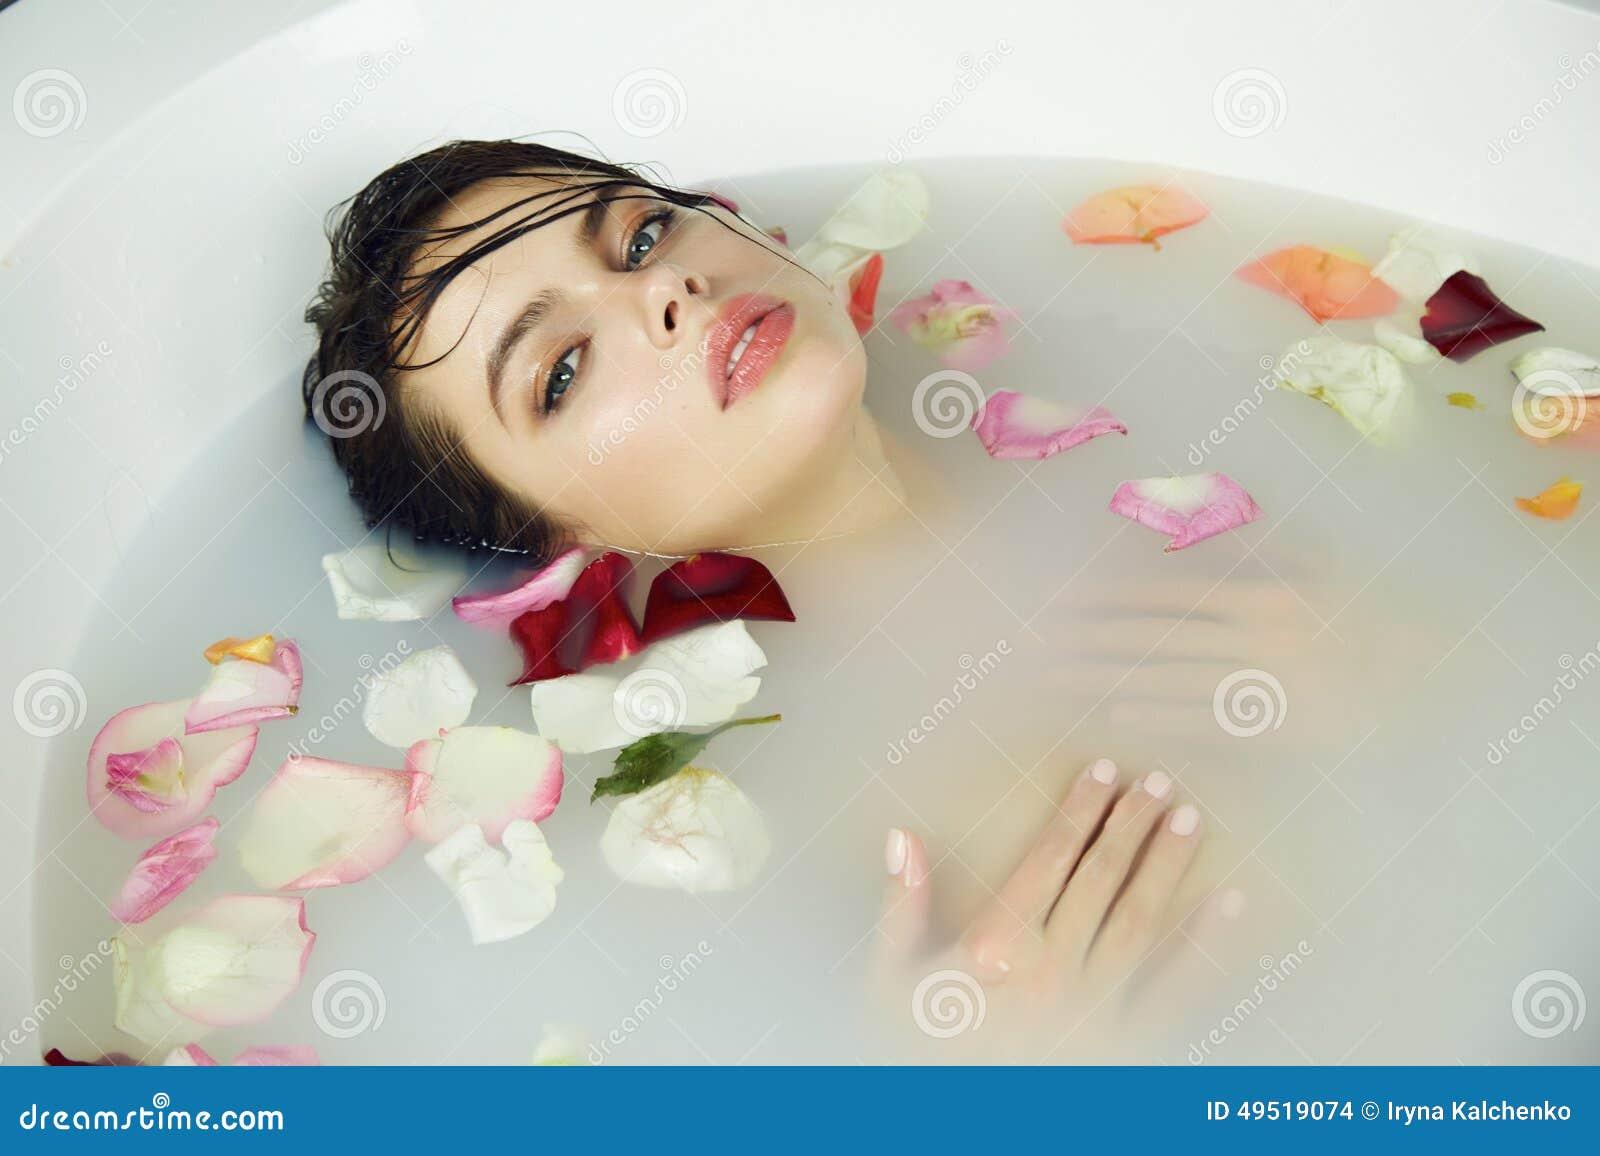 Bubble Bath Spa Prices